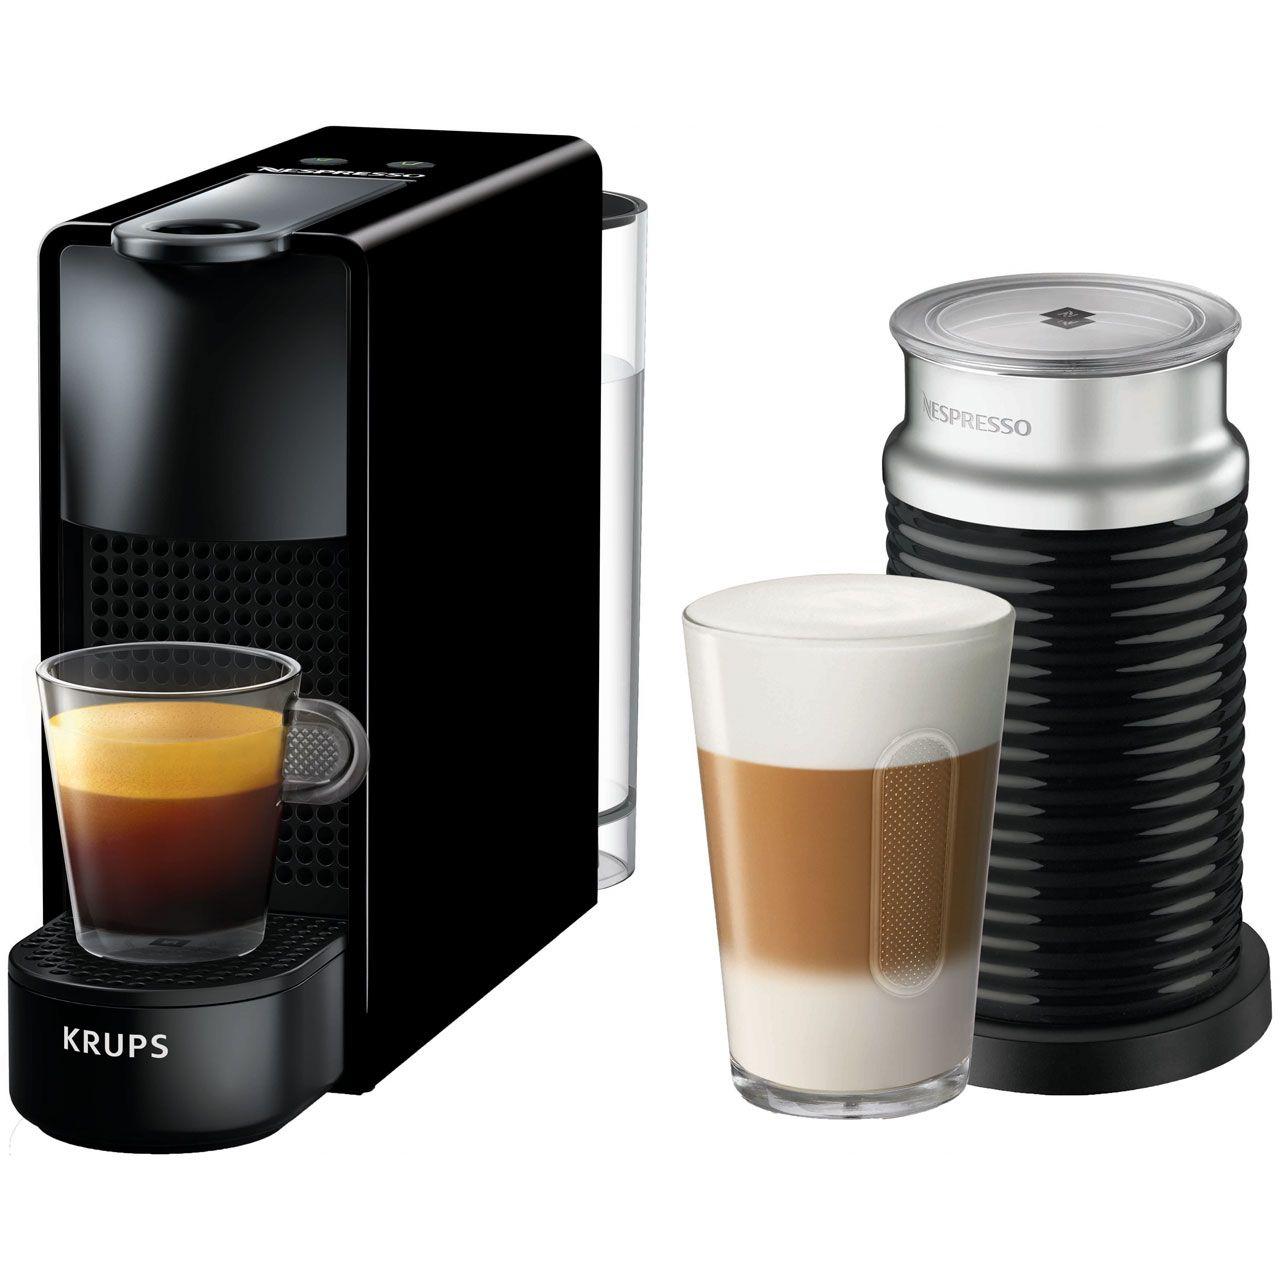 XN111840_BK Nespresso by Krups coffee machine